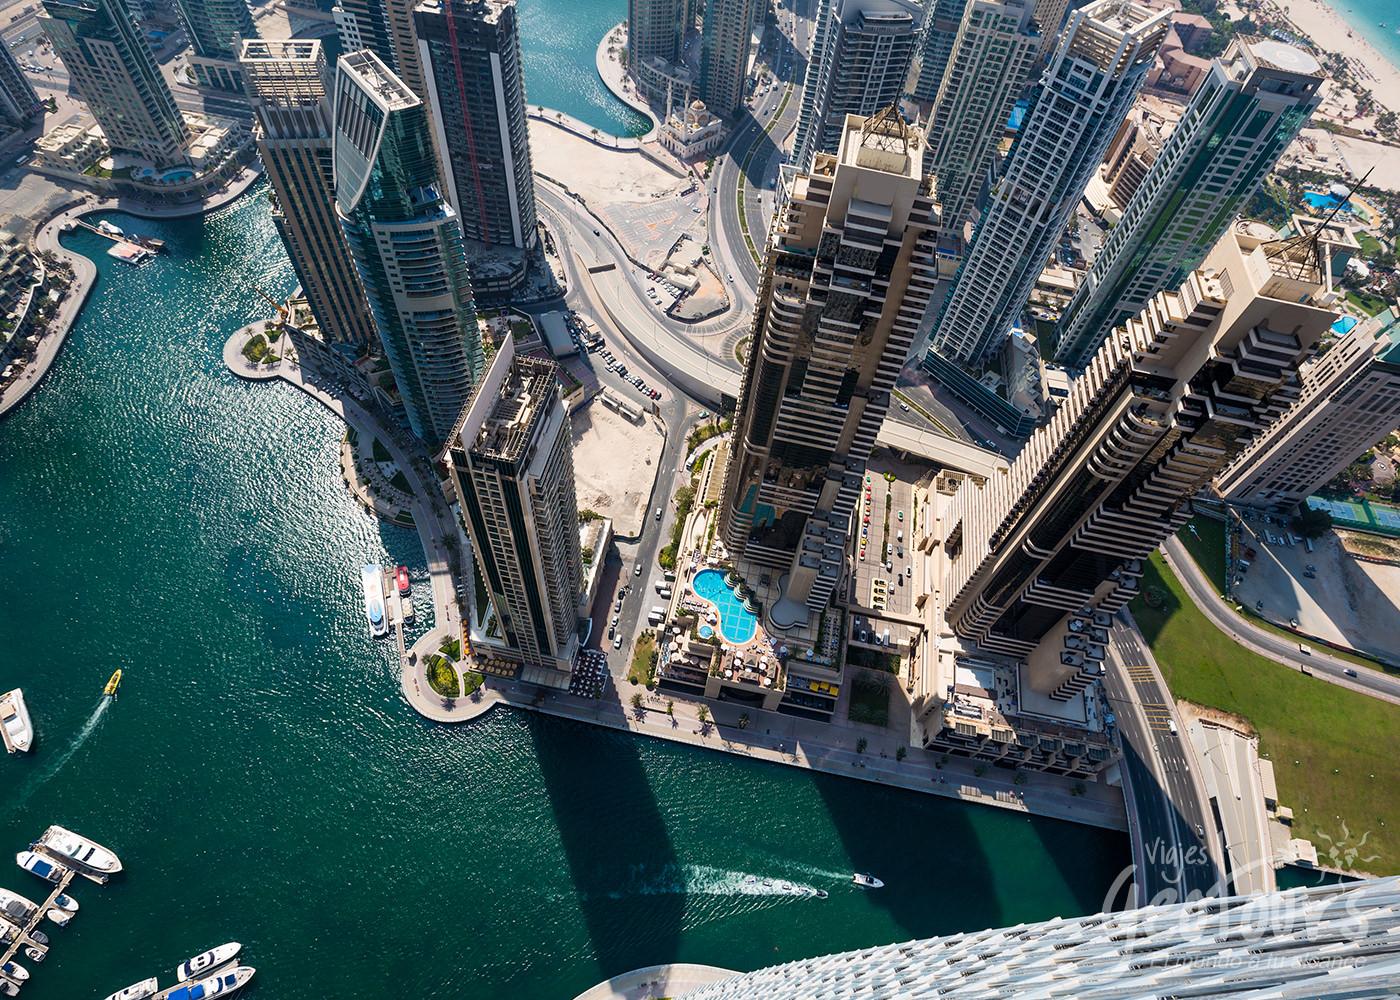 Viajes a Turquía y Dubái en Diciembre 18 Días con Tiquetes